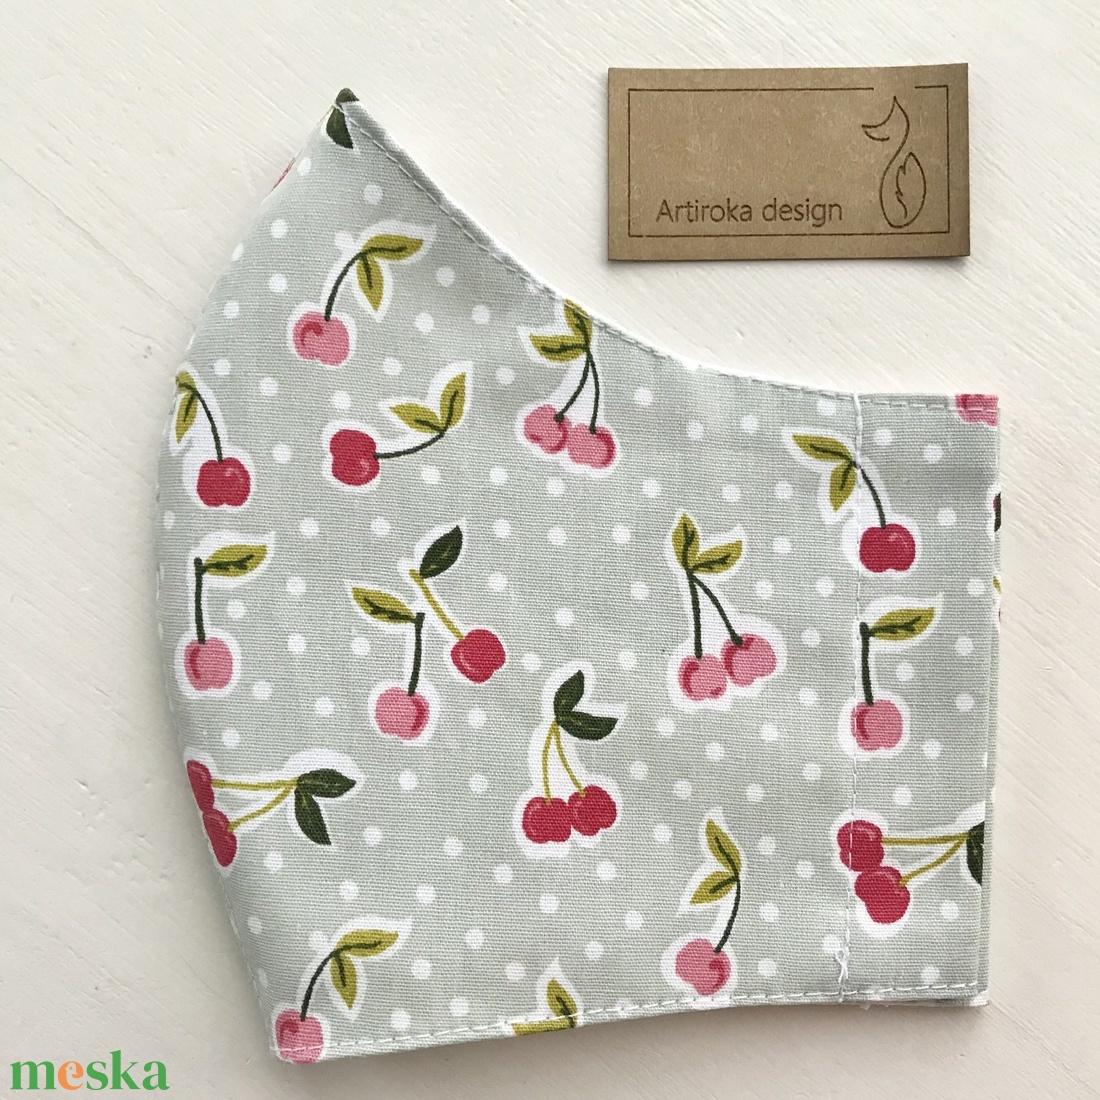 Cseresznye mintás pasztell zöld prémium arcmaszk, szájmaszk, maszk - Artiroka design - ruha & divat - Meska.hu